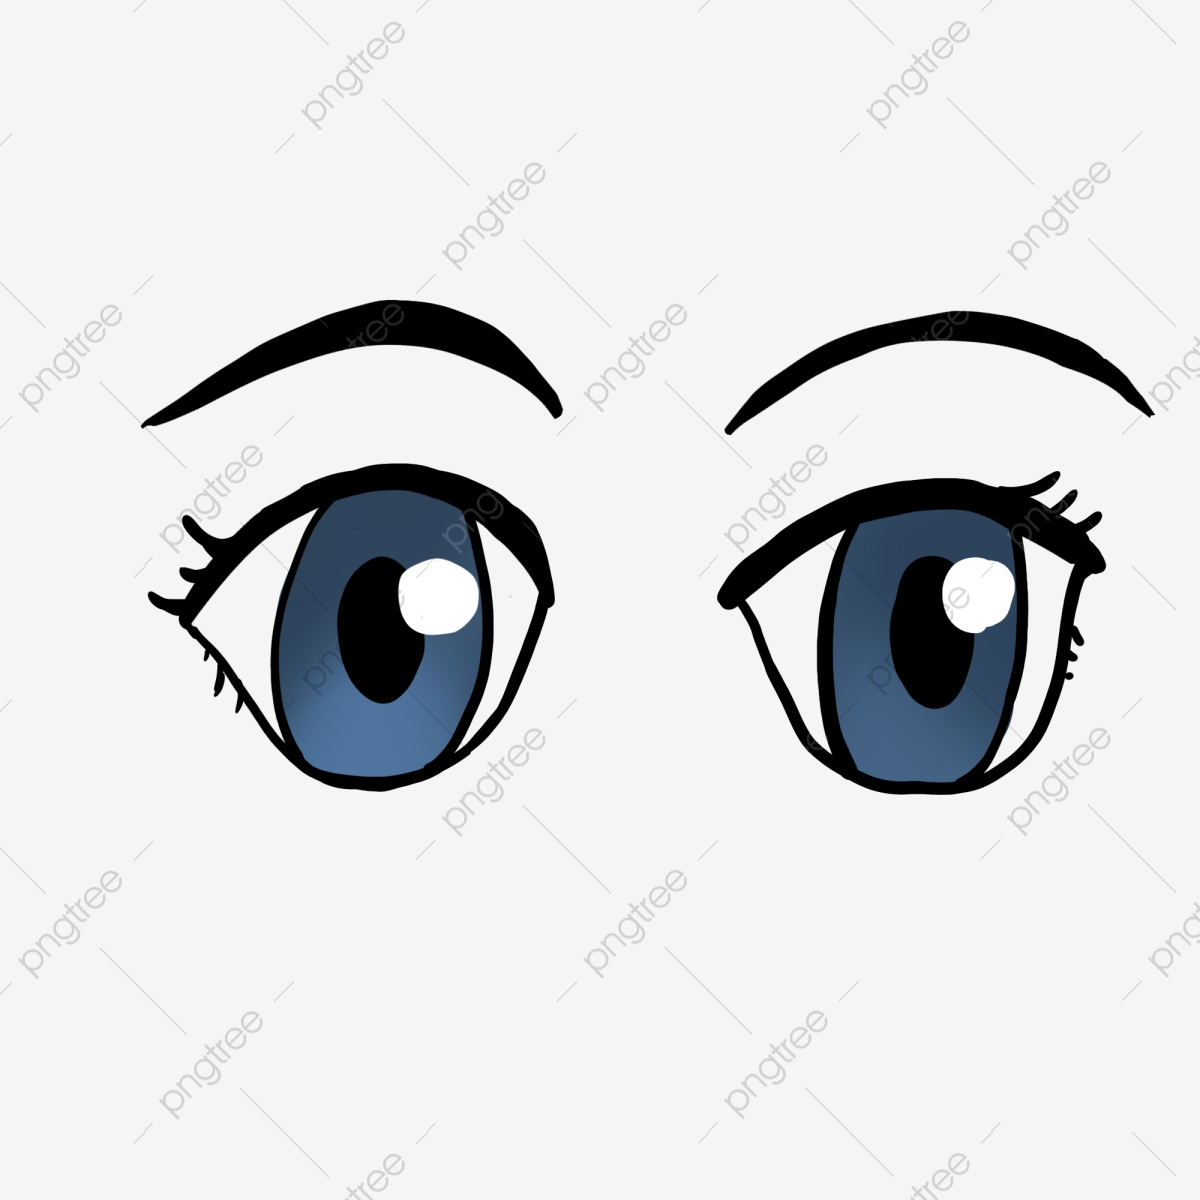 Olhos Azuis Brilhantes De Desenhos Animados Cinco Sentidos Olhos Olhos De Desenho Animado Imagem Png E Psd Para Download Gratuito